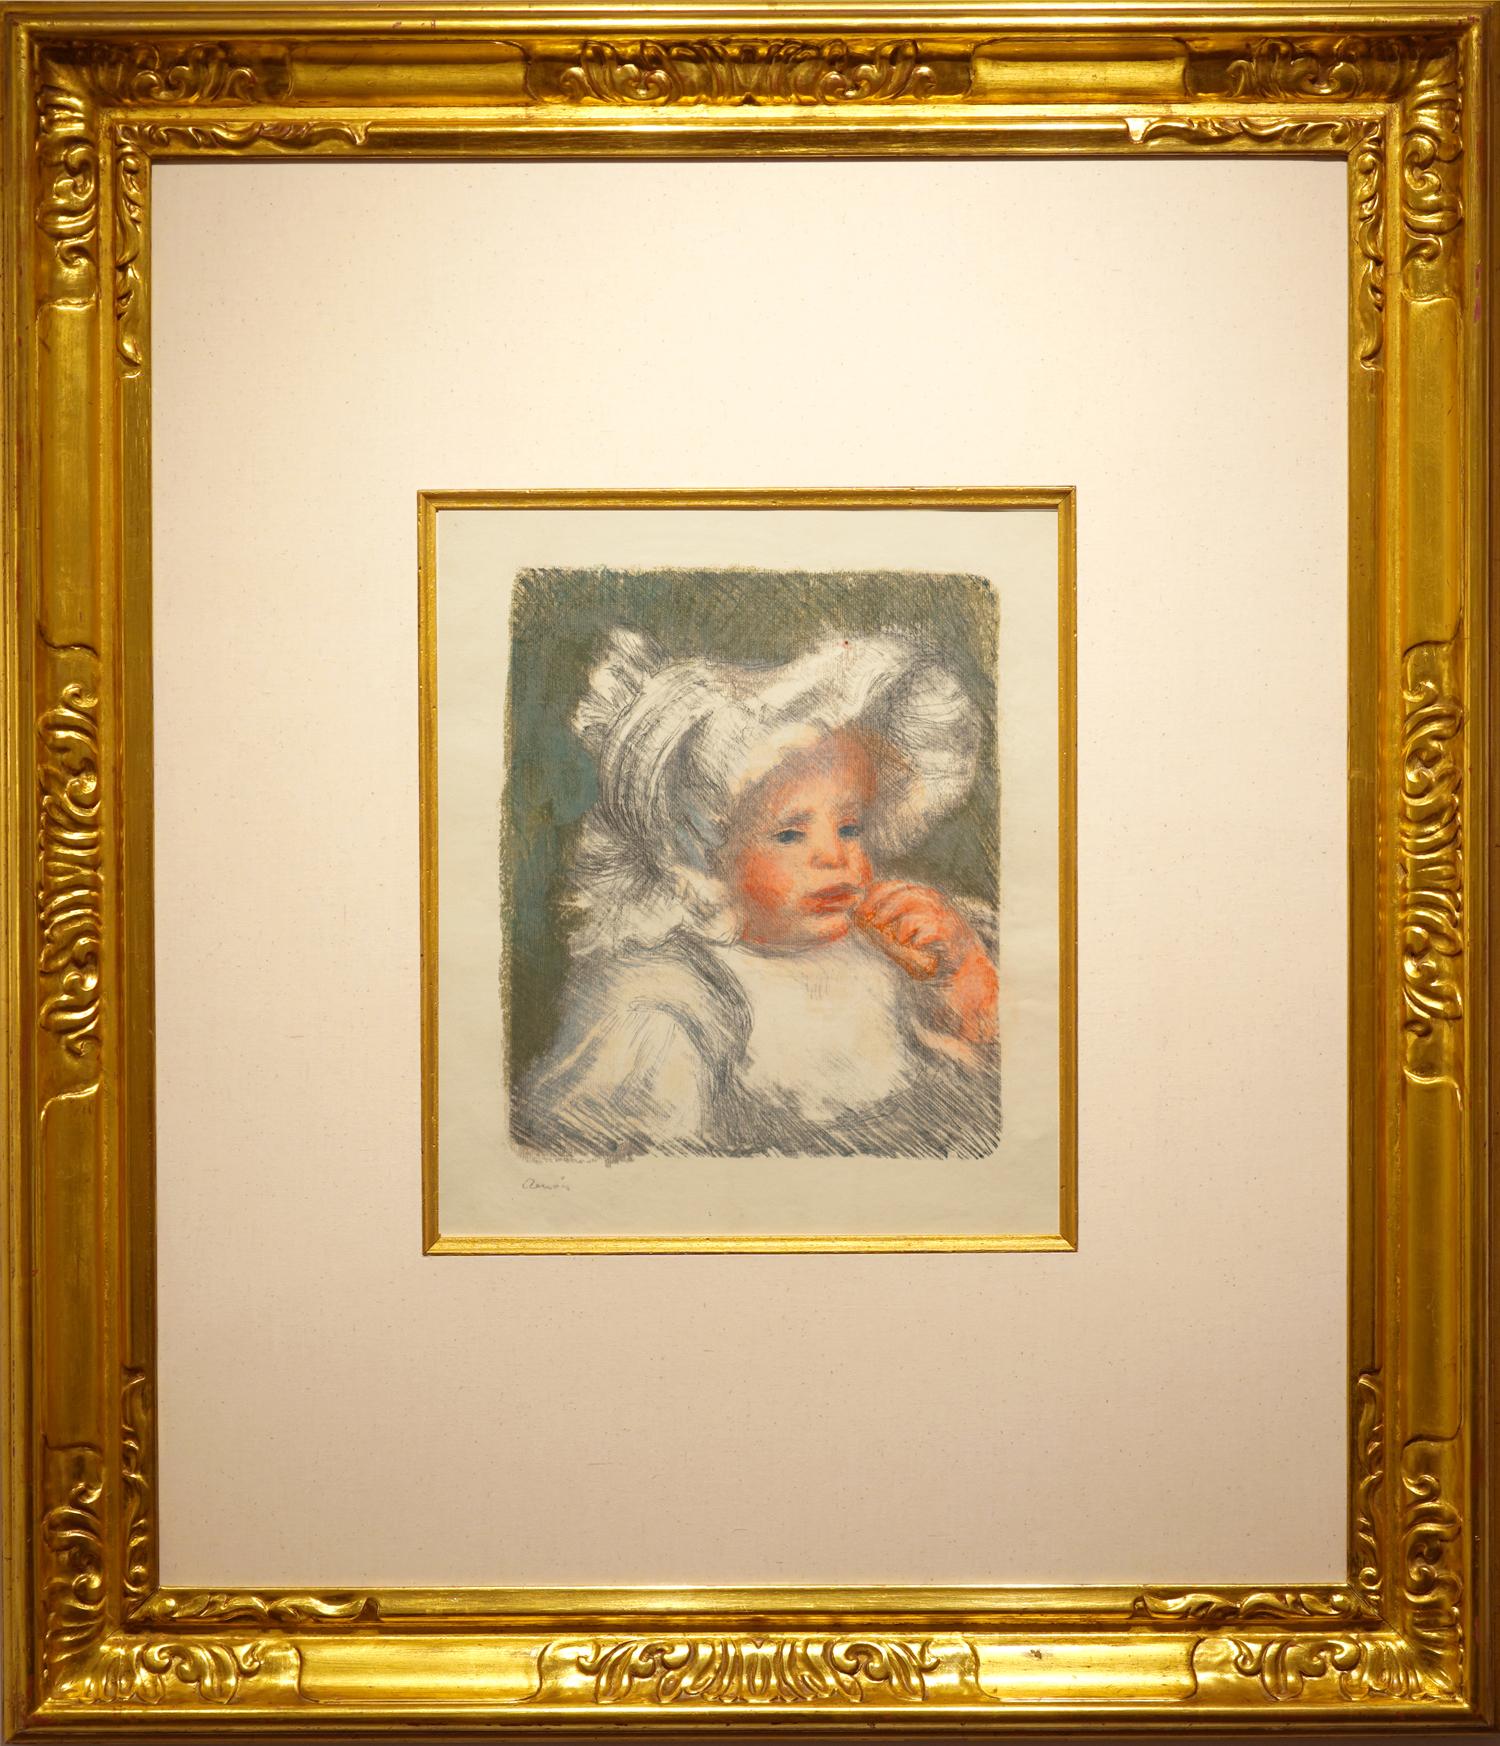 Renoir, L'enfant au biscuit in 8 colors